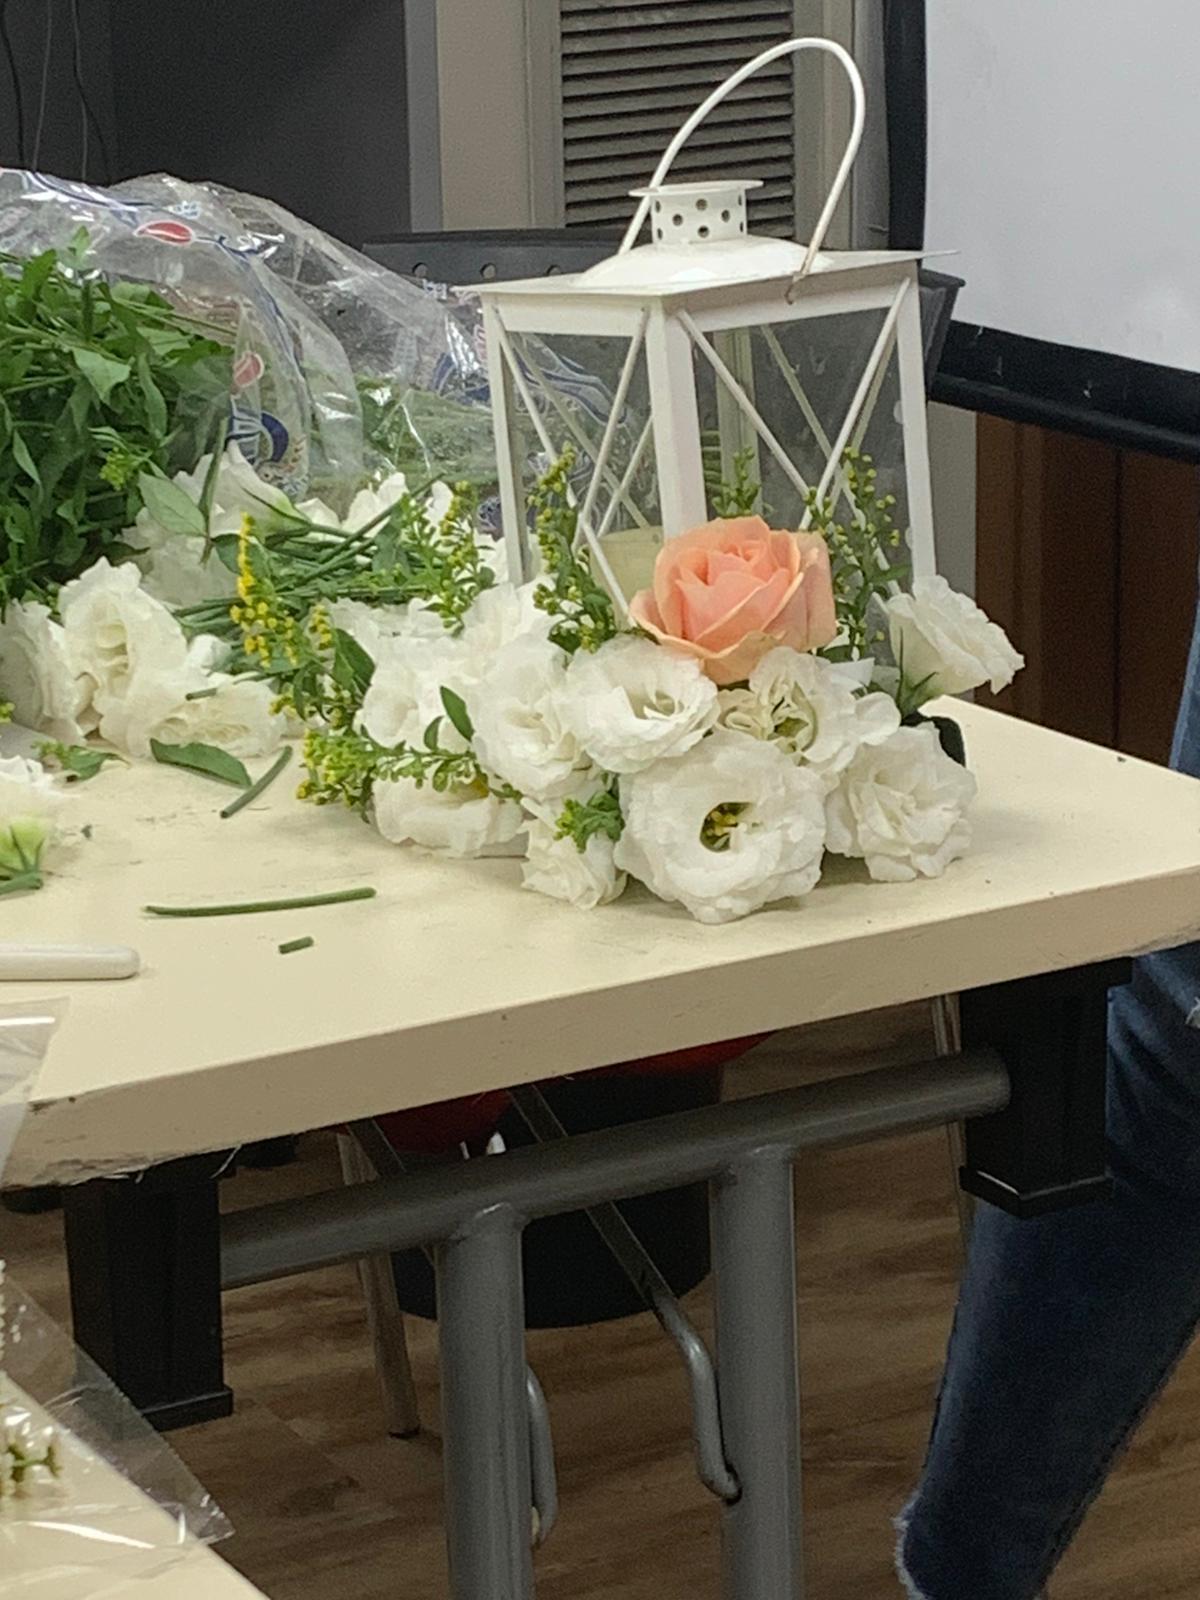 גלרייה - שיעור שזירת פרחים - קורס הפקת אירועים מחזור 24, 17 מתוך 35